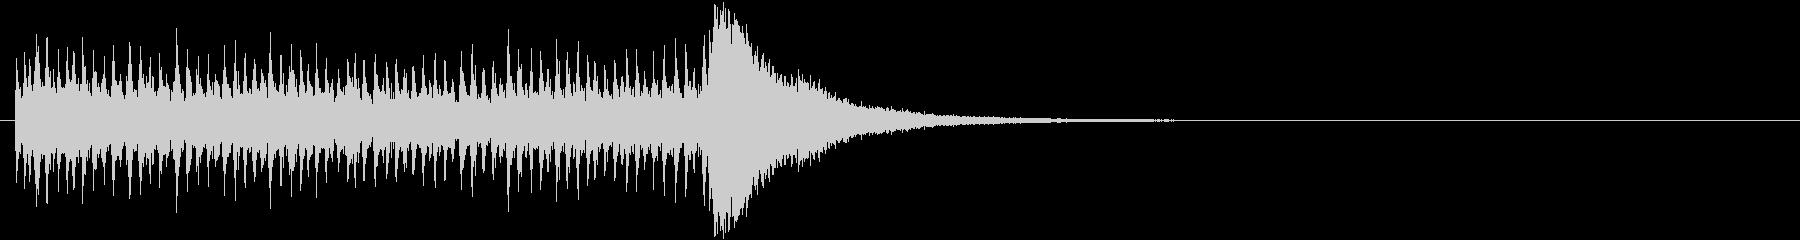 ドラムロール_01の未再生の波形